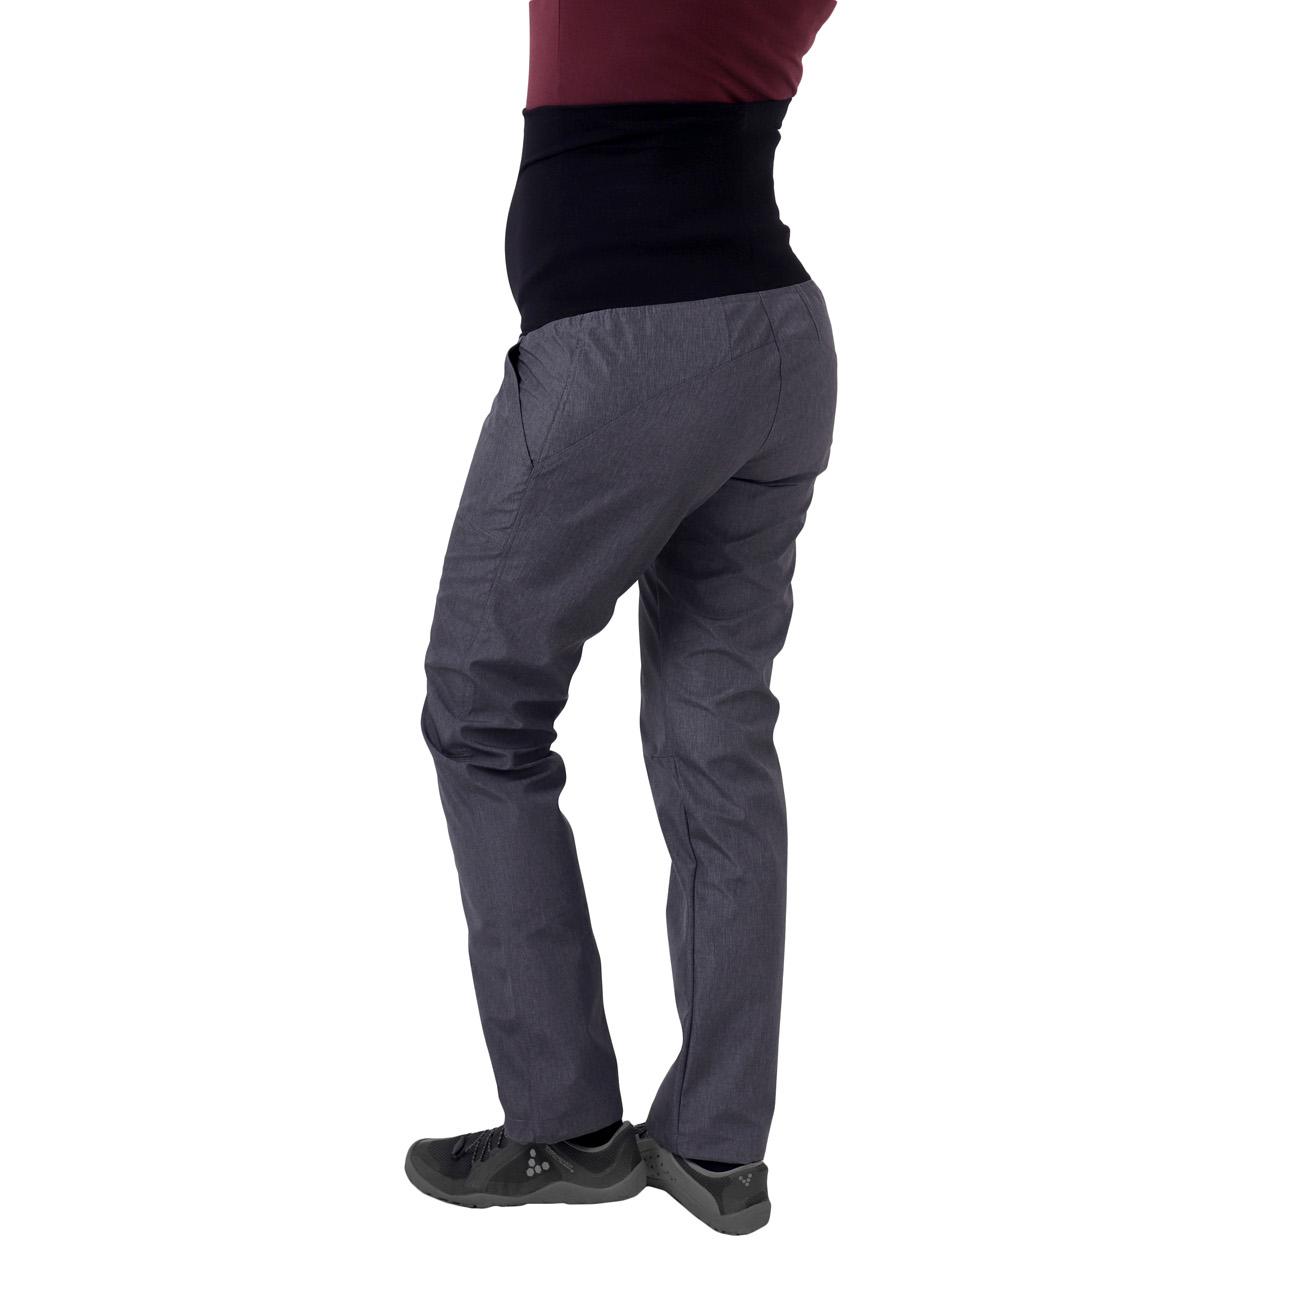 Jarní/letní těhotenské softshellové kalhoty liva, šedý melír, 42 zkrácená délka